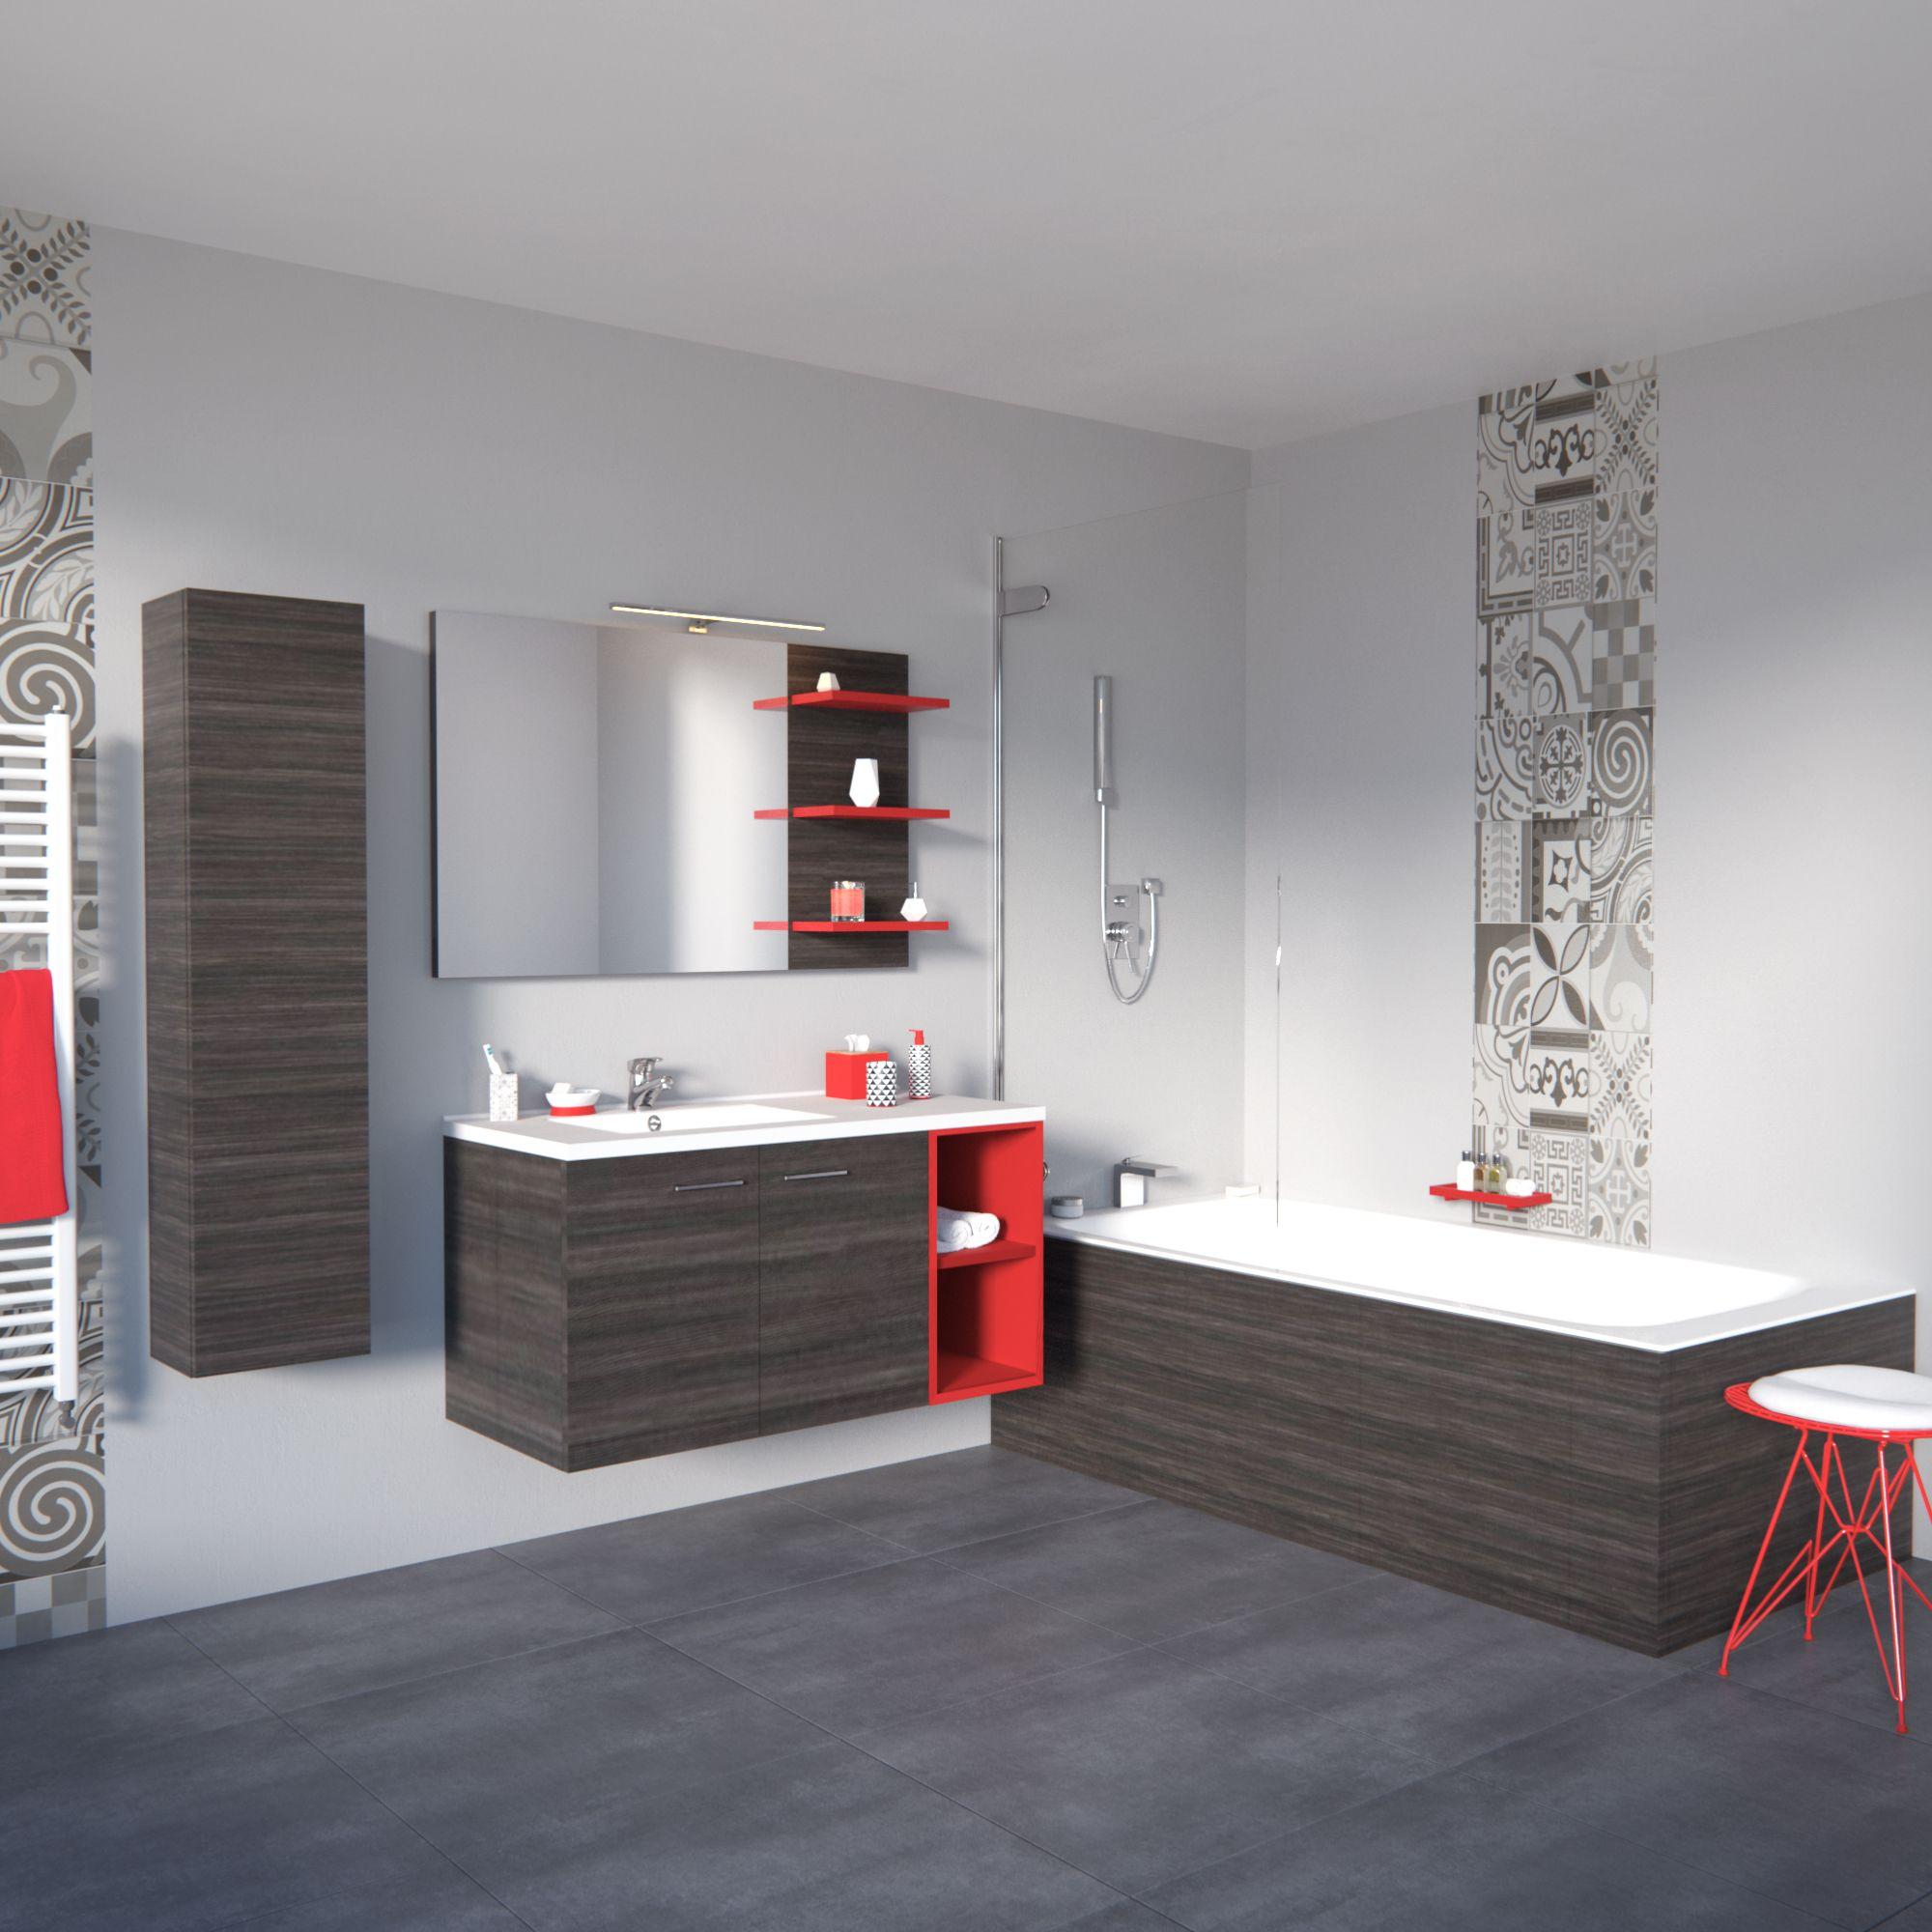 Meuble salle de bain portes, bois et rouge, salle de bain ...